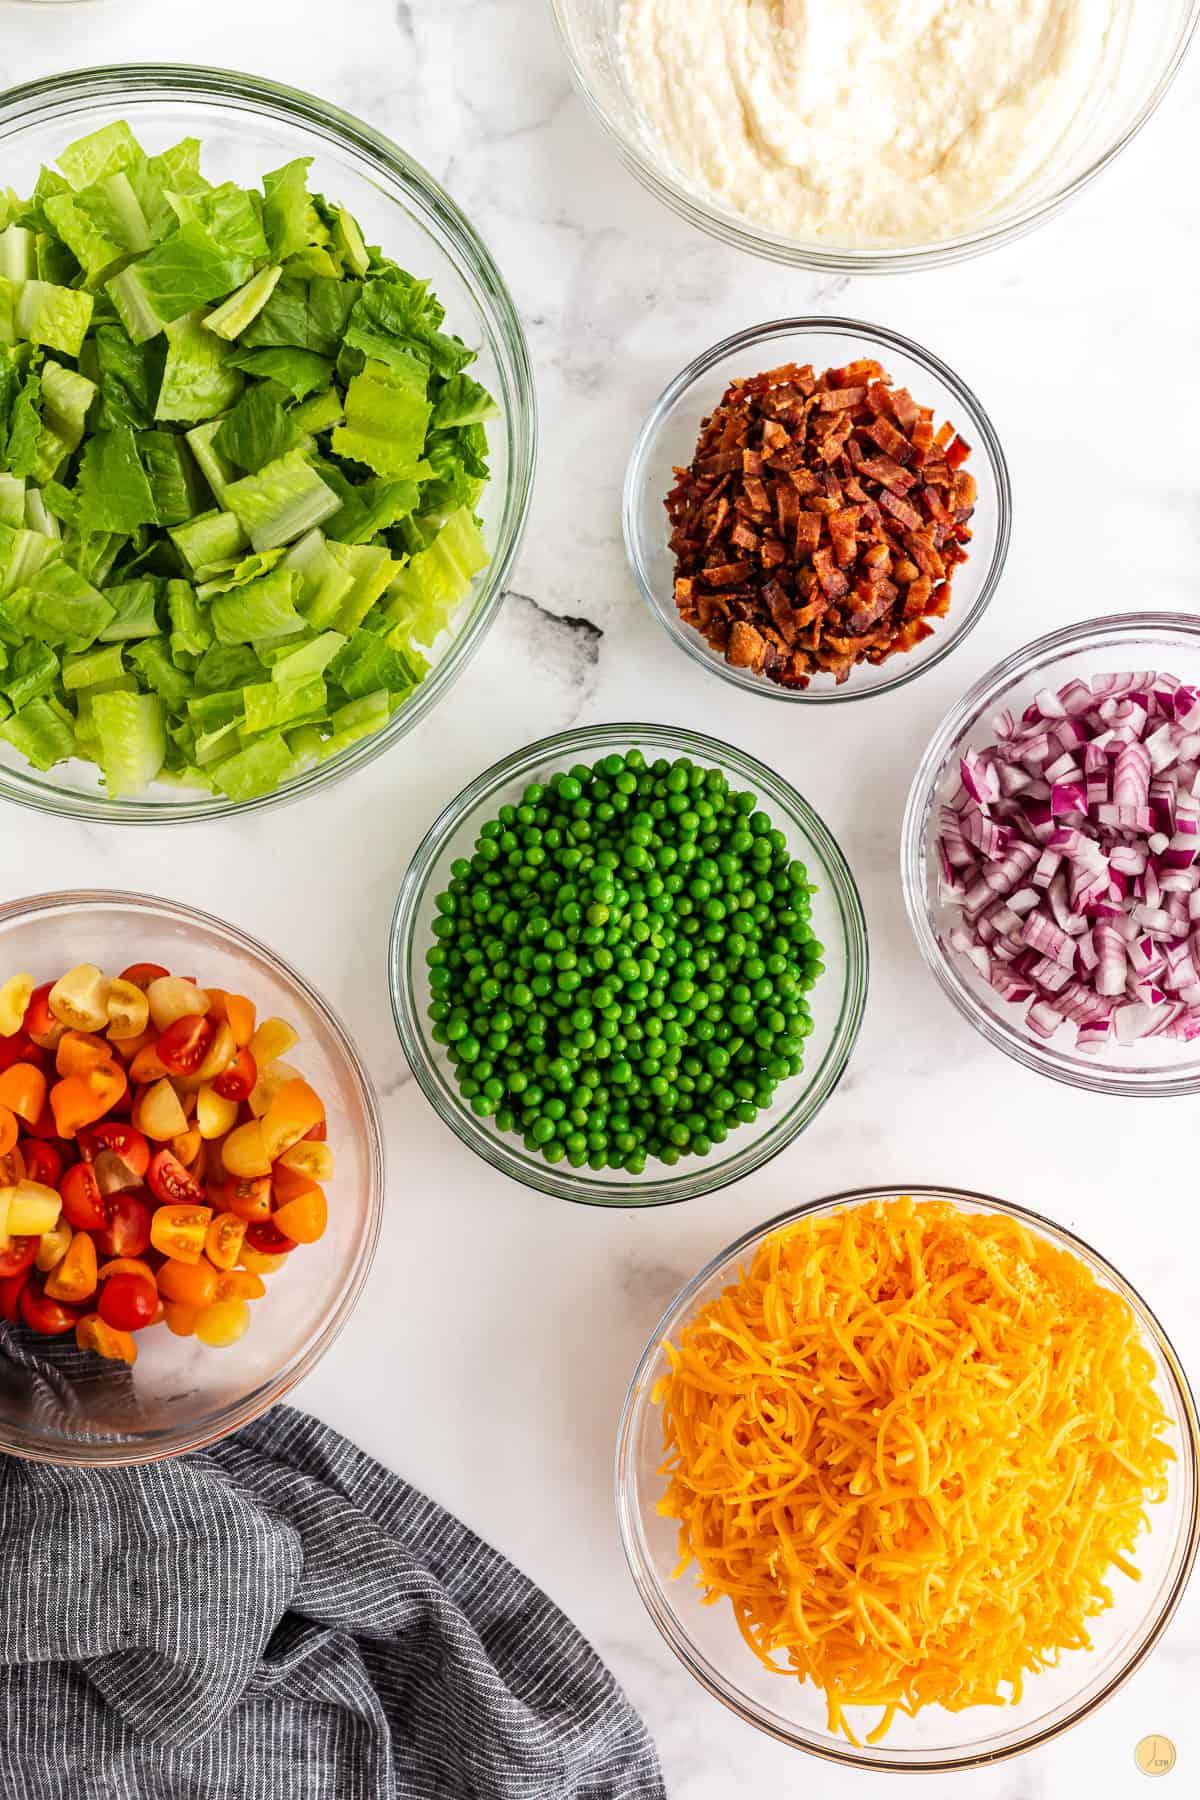 bowls of salad ingredients